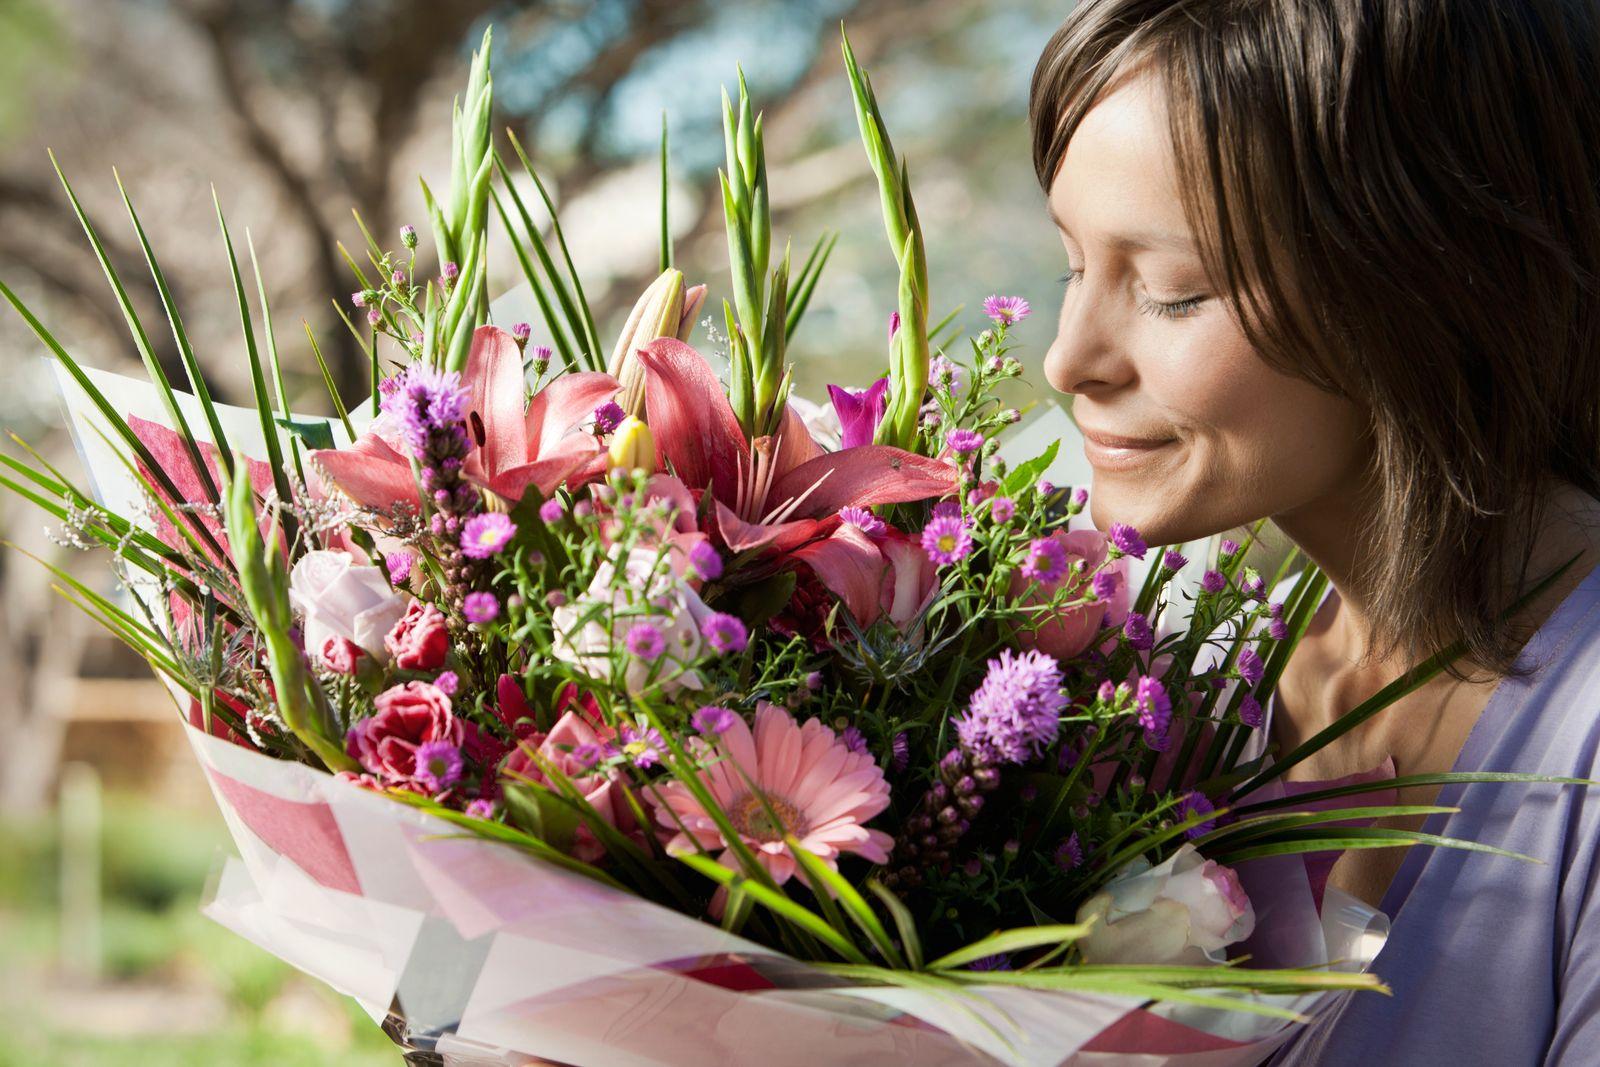 NICHT MEHR VERWENDEN! - Blumenstrauß